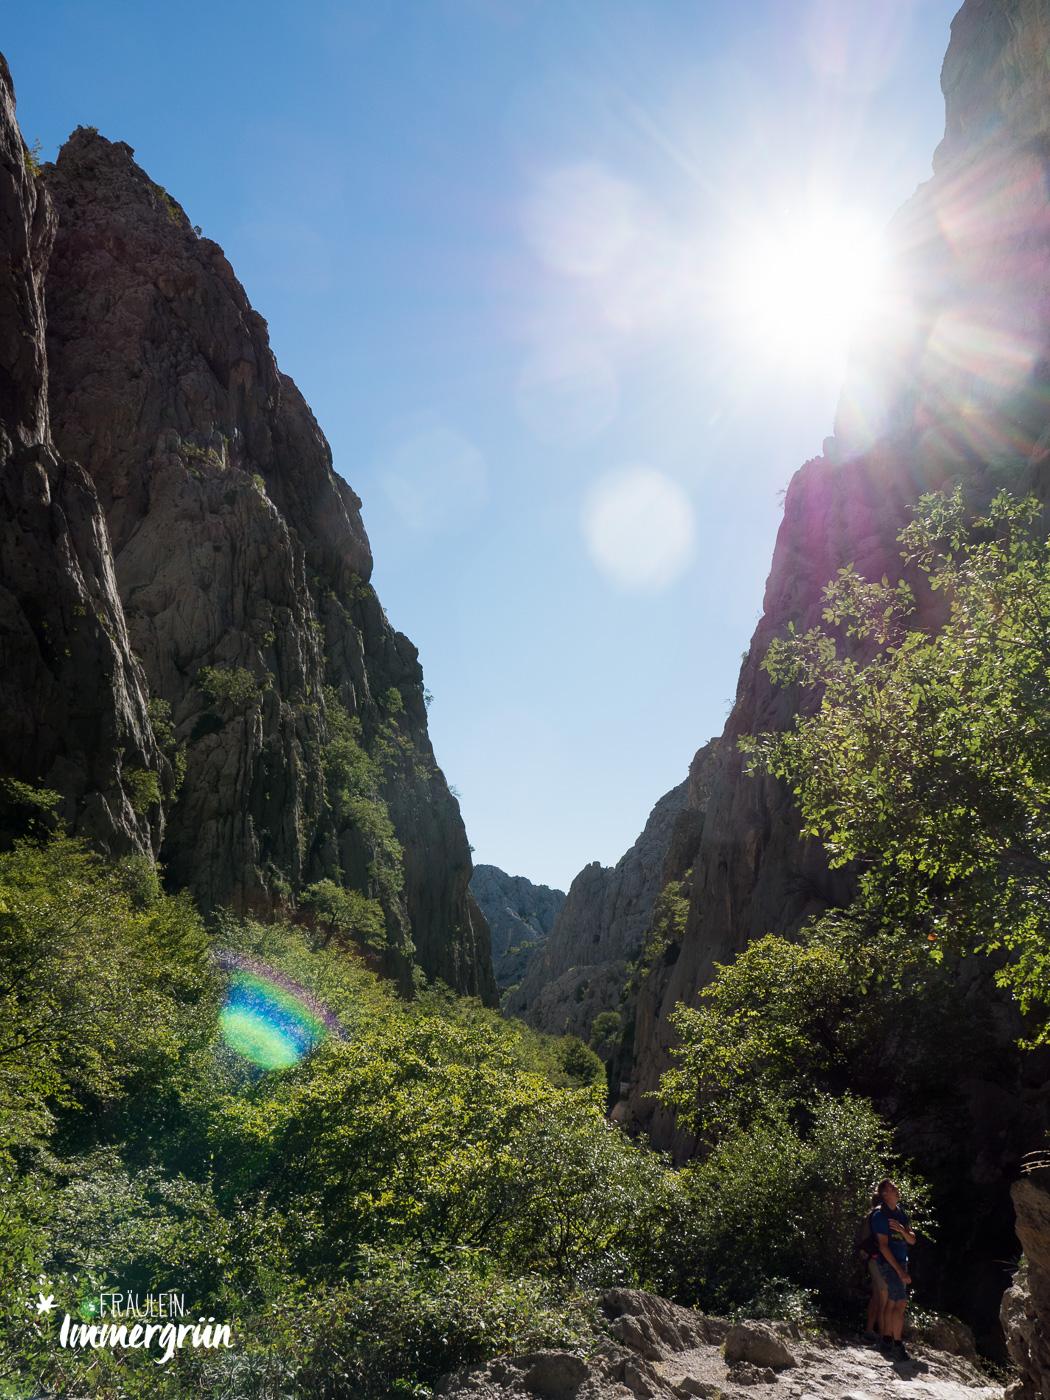 Dalmatien in Kroatien: Urlaub an der dalmatinischen Küste in der Nebensaison – Nationalpark Paklenica